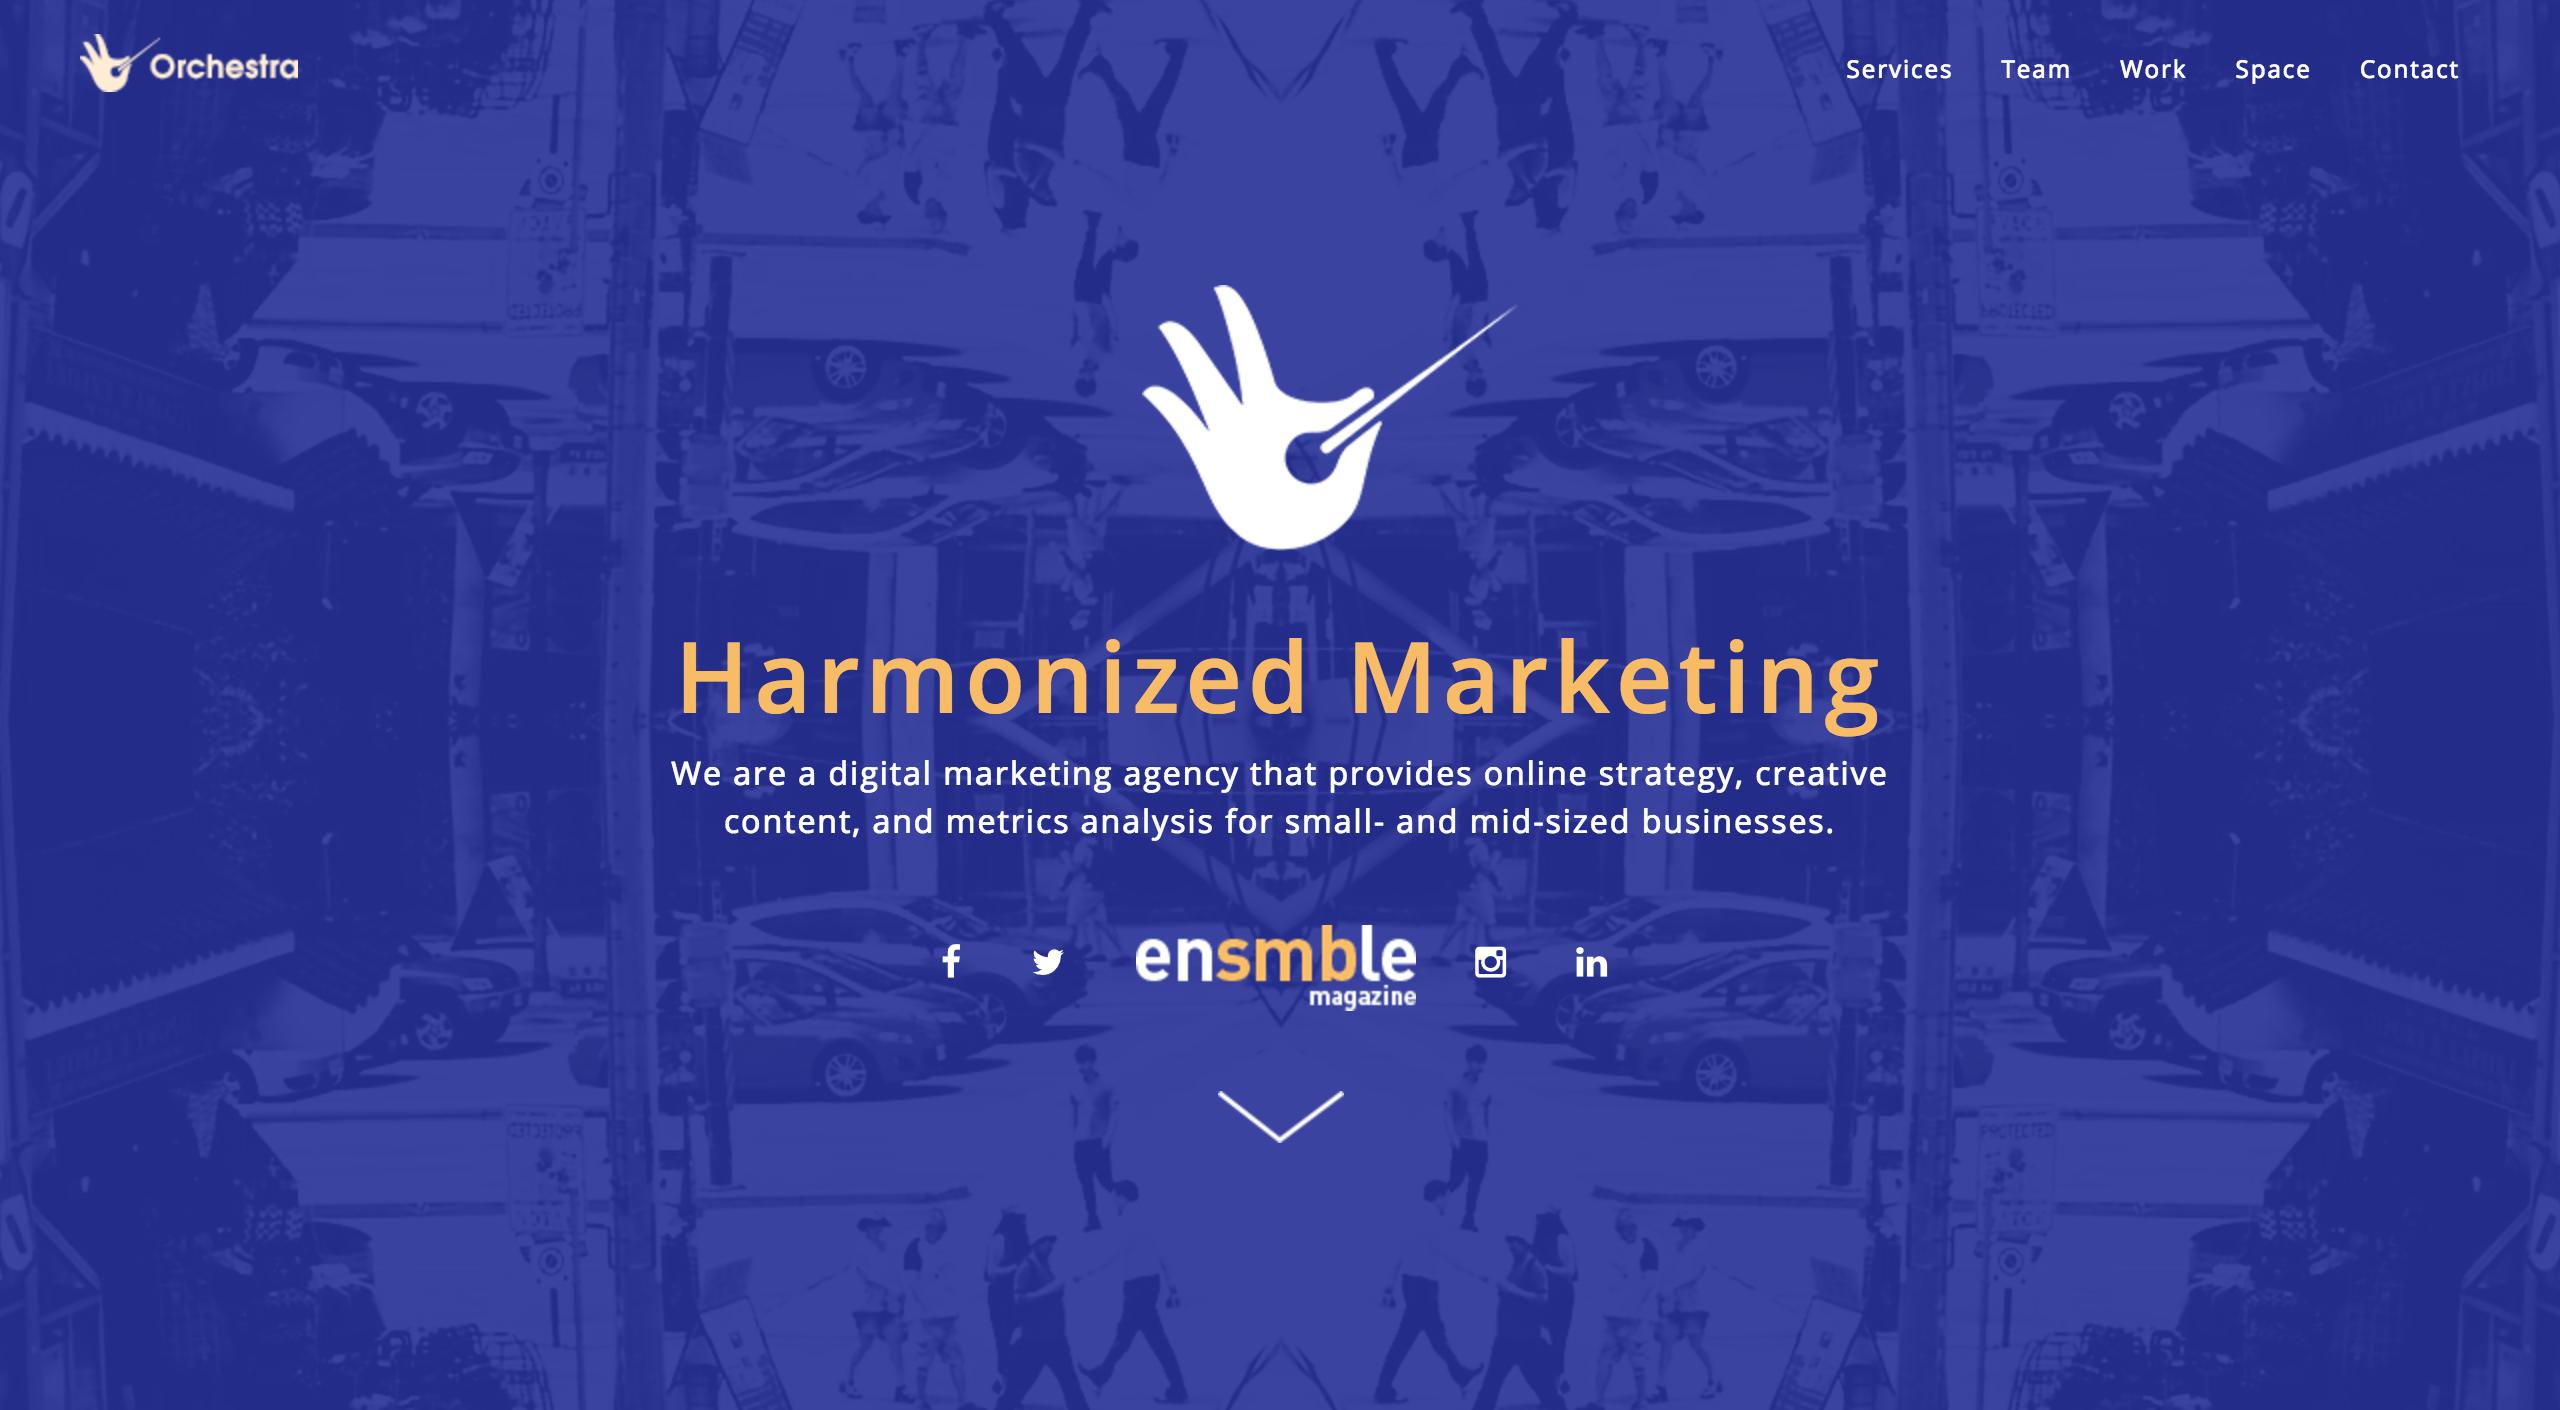 Orchestra Marketing - Canada- Agency -Digital